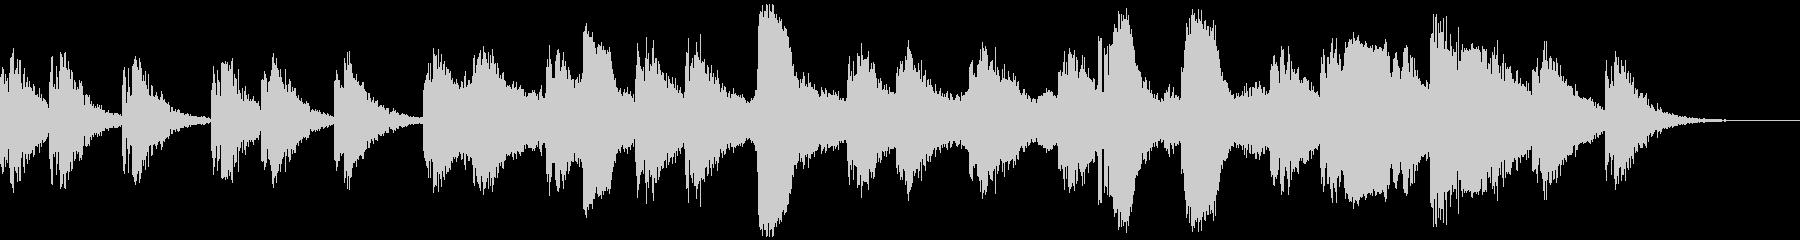 星空エレクトロニカの未再生の波形